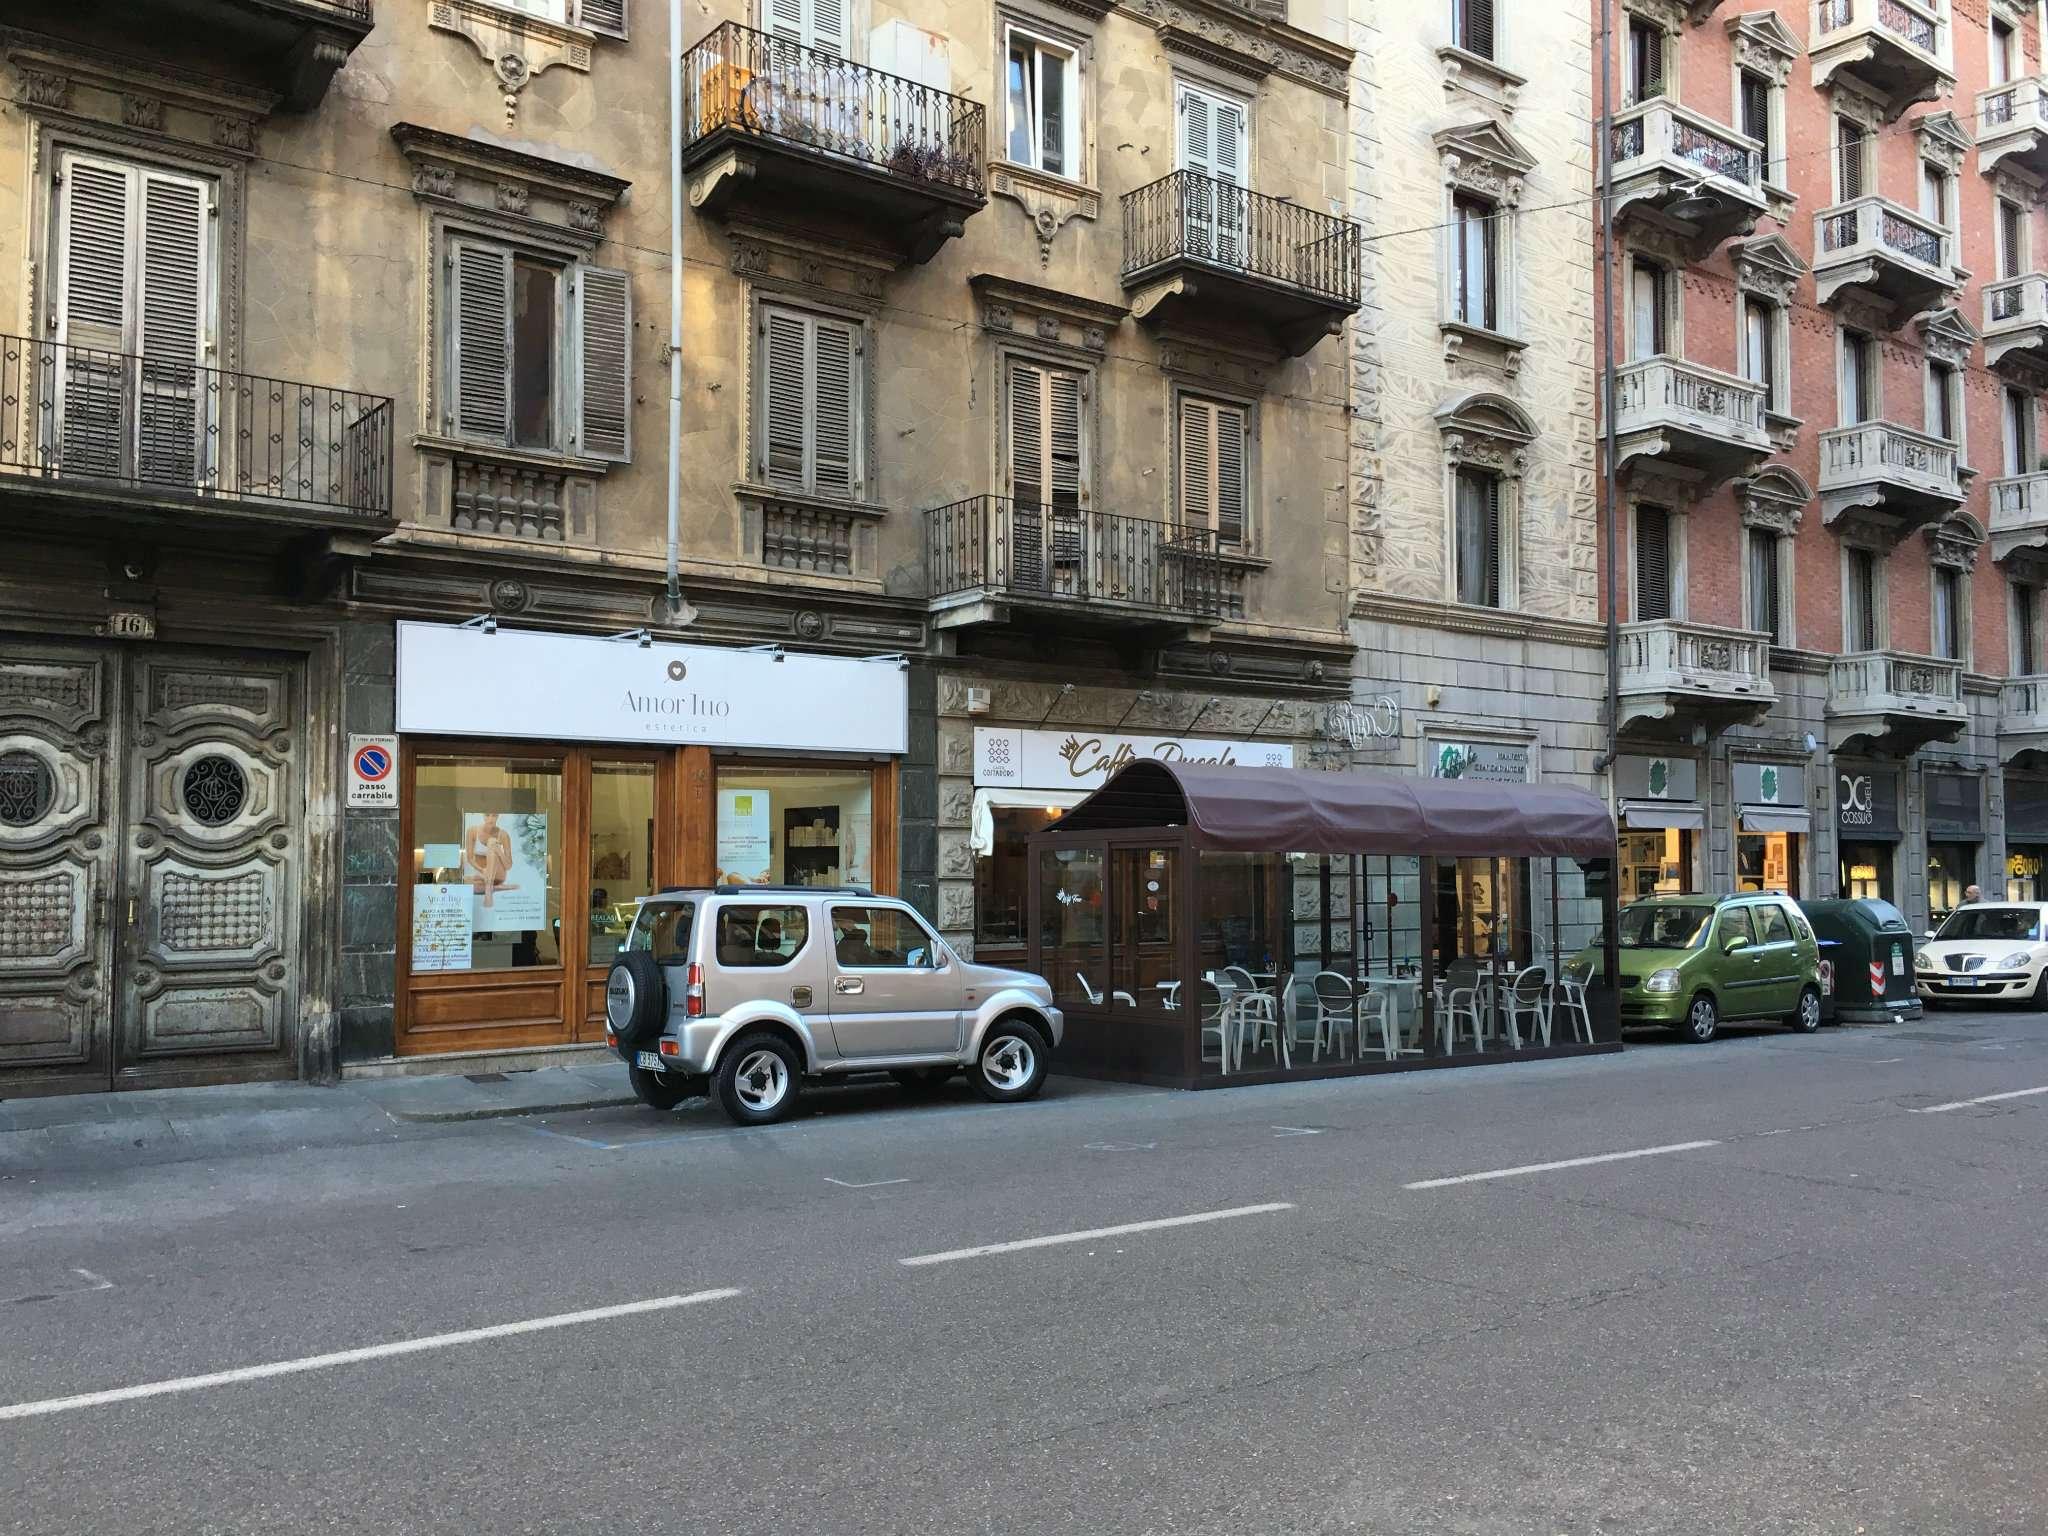 Vendita - Negozio - Torino - IMMOBILE COMMERCIALE DA REDDITO